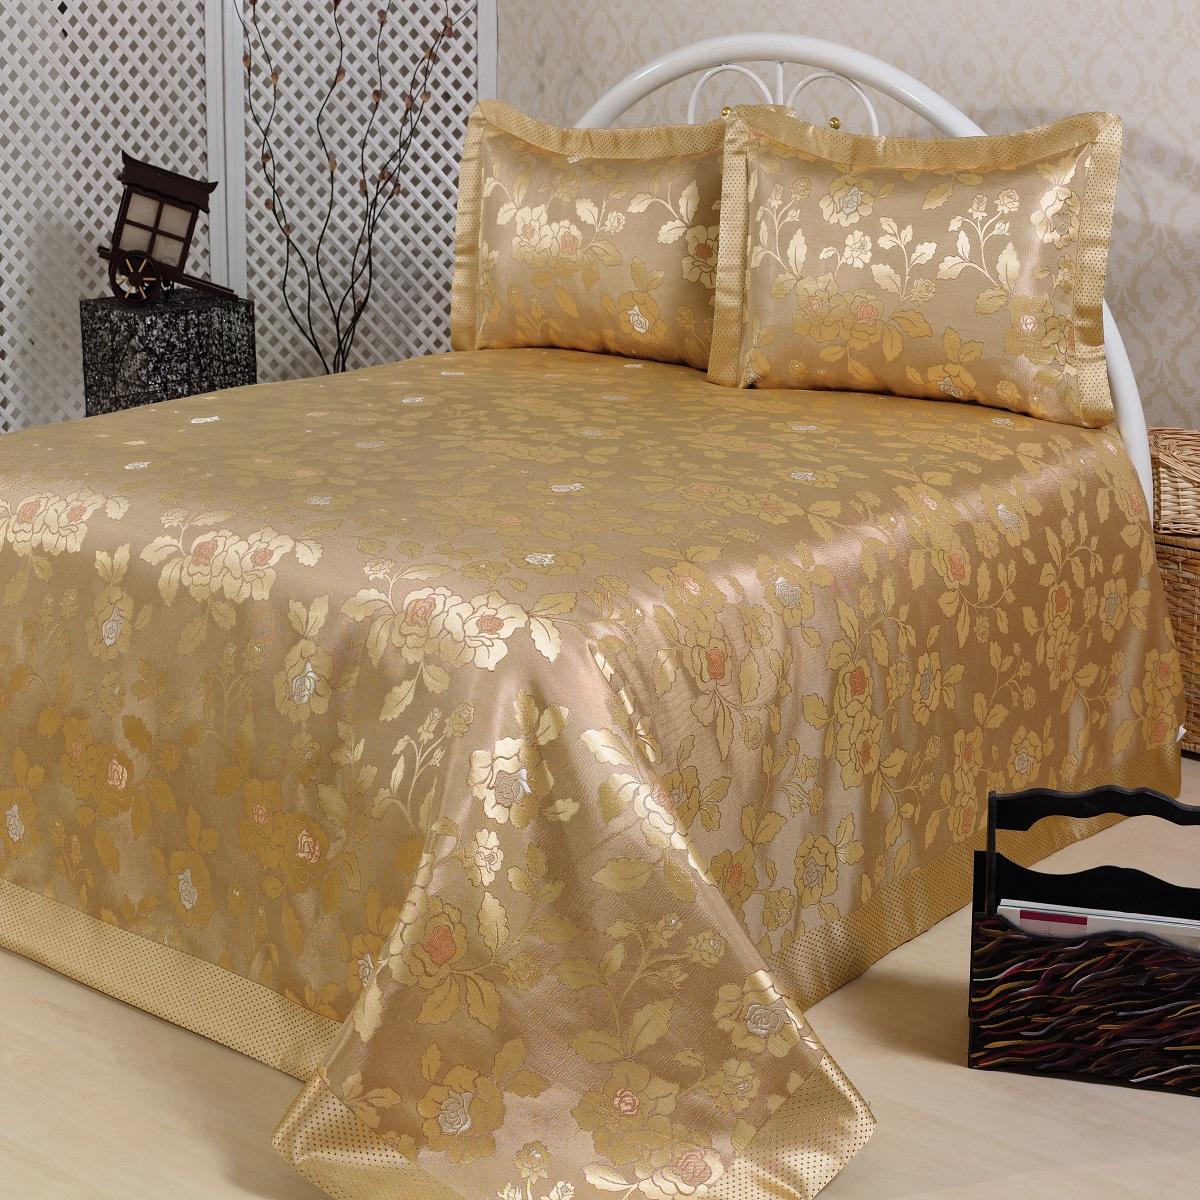 Комплект для спальни Karna Nazsu. Gul: покрывало 240 х 260 см, 2 наволочки 50 х 70 см, цвет: золотистый811/3/CHAR006Изысканный комплект Karna Nazsu. Gul прекрасно оформит интерьер спальни или гостиной. Комплект состоит из покрывала и двух наволочек. Изделия изготовлены из 50% хлопка и 50% полиэстера. Постельные комплекты Karna уникальны, так как они практичны и универсальны в использовании. Материал хорошо сохраняет окраску и форму. Изделия долговечны, надежны и легко стираются.Комплект Karna не только подарит тепло, но и гармонично впишется в интерьер вашего дома. Размер покрывала: 240 х 260 см.Размер наволочки: 50 х 70 см.